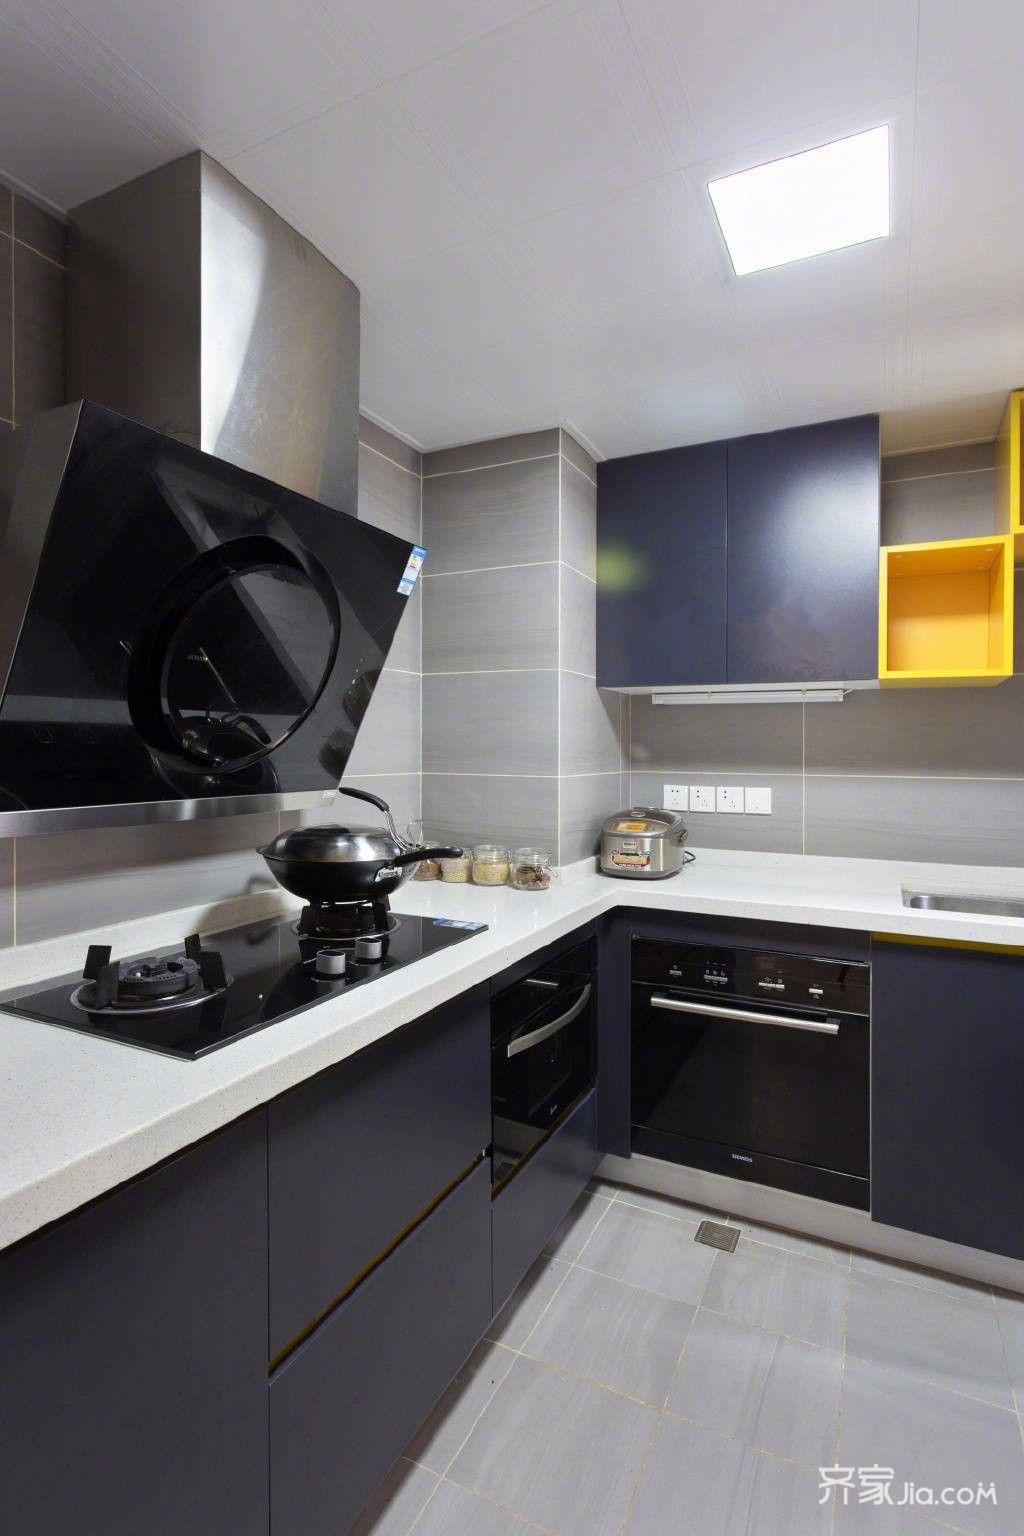 120㎡北欧风三居厨房装修设计图